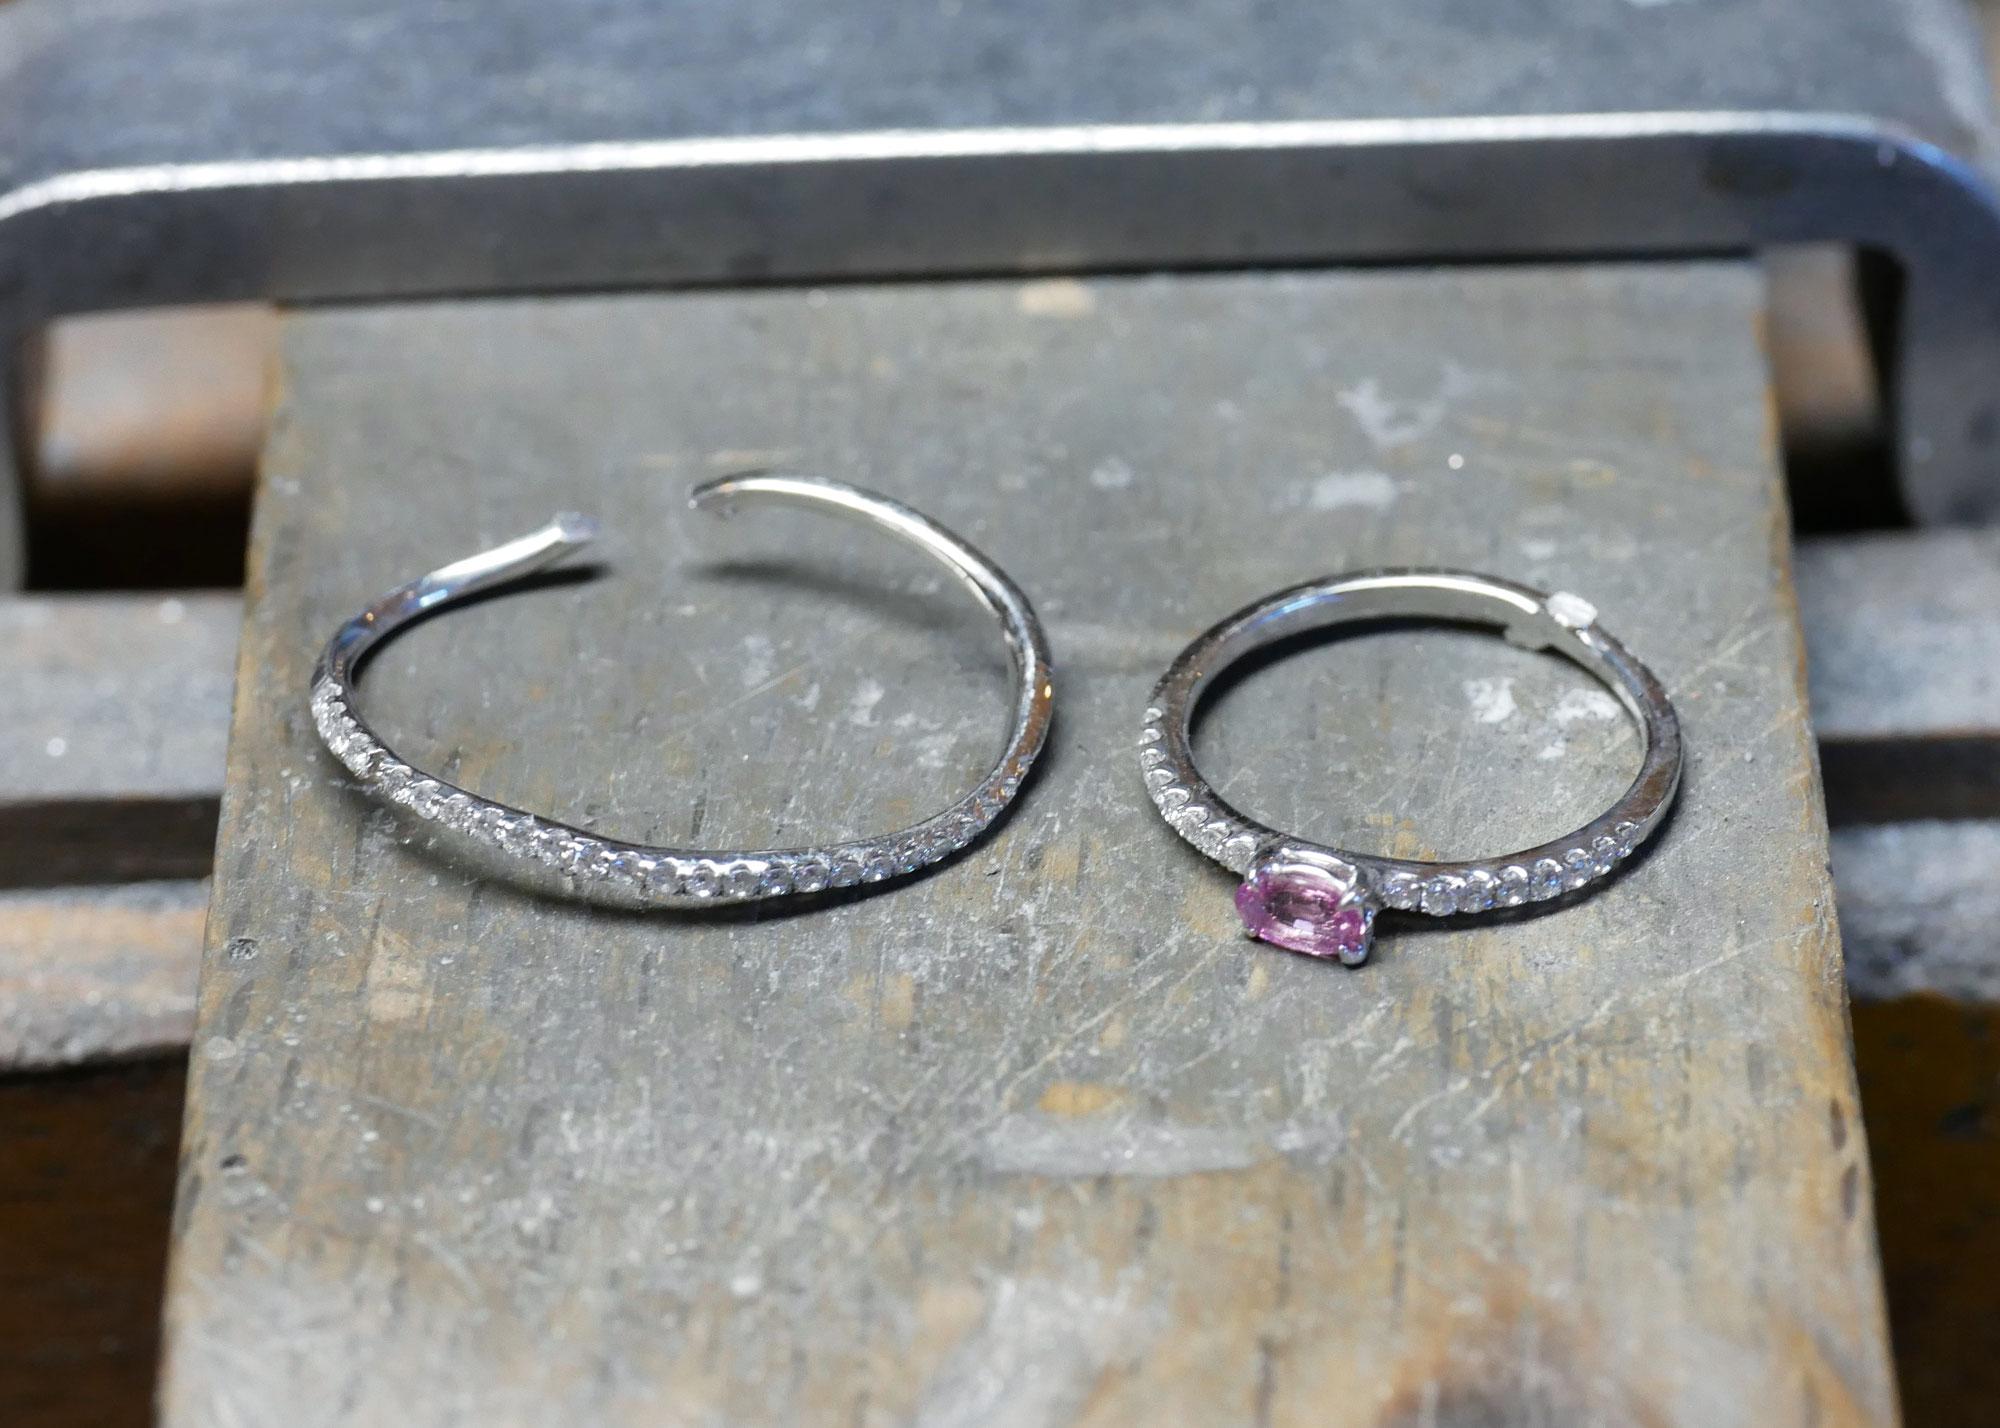 【後編】1つの指輪から指輪とネックレスにリフォーム!!